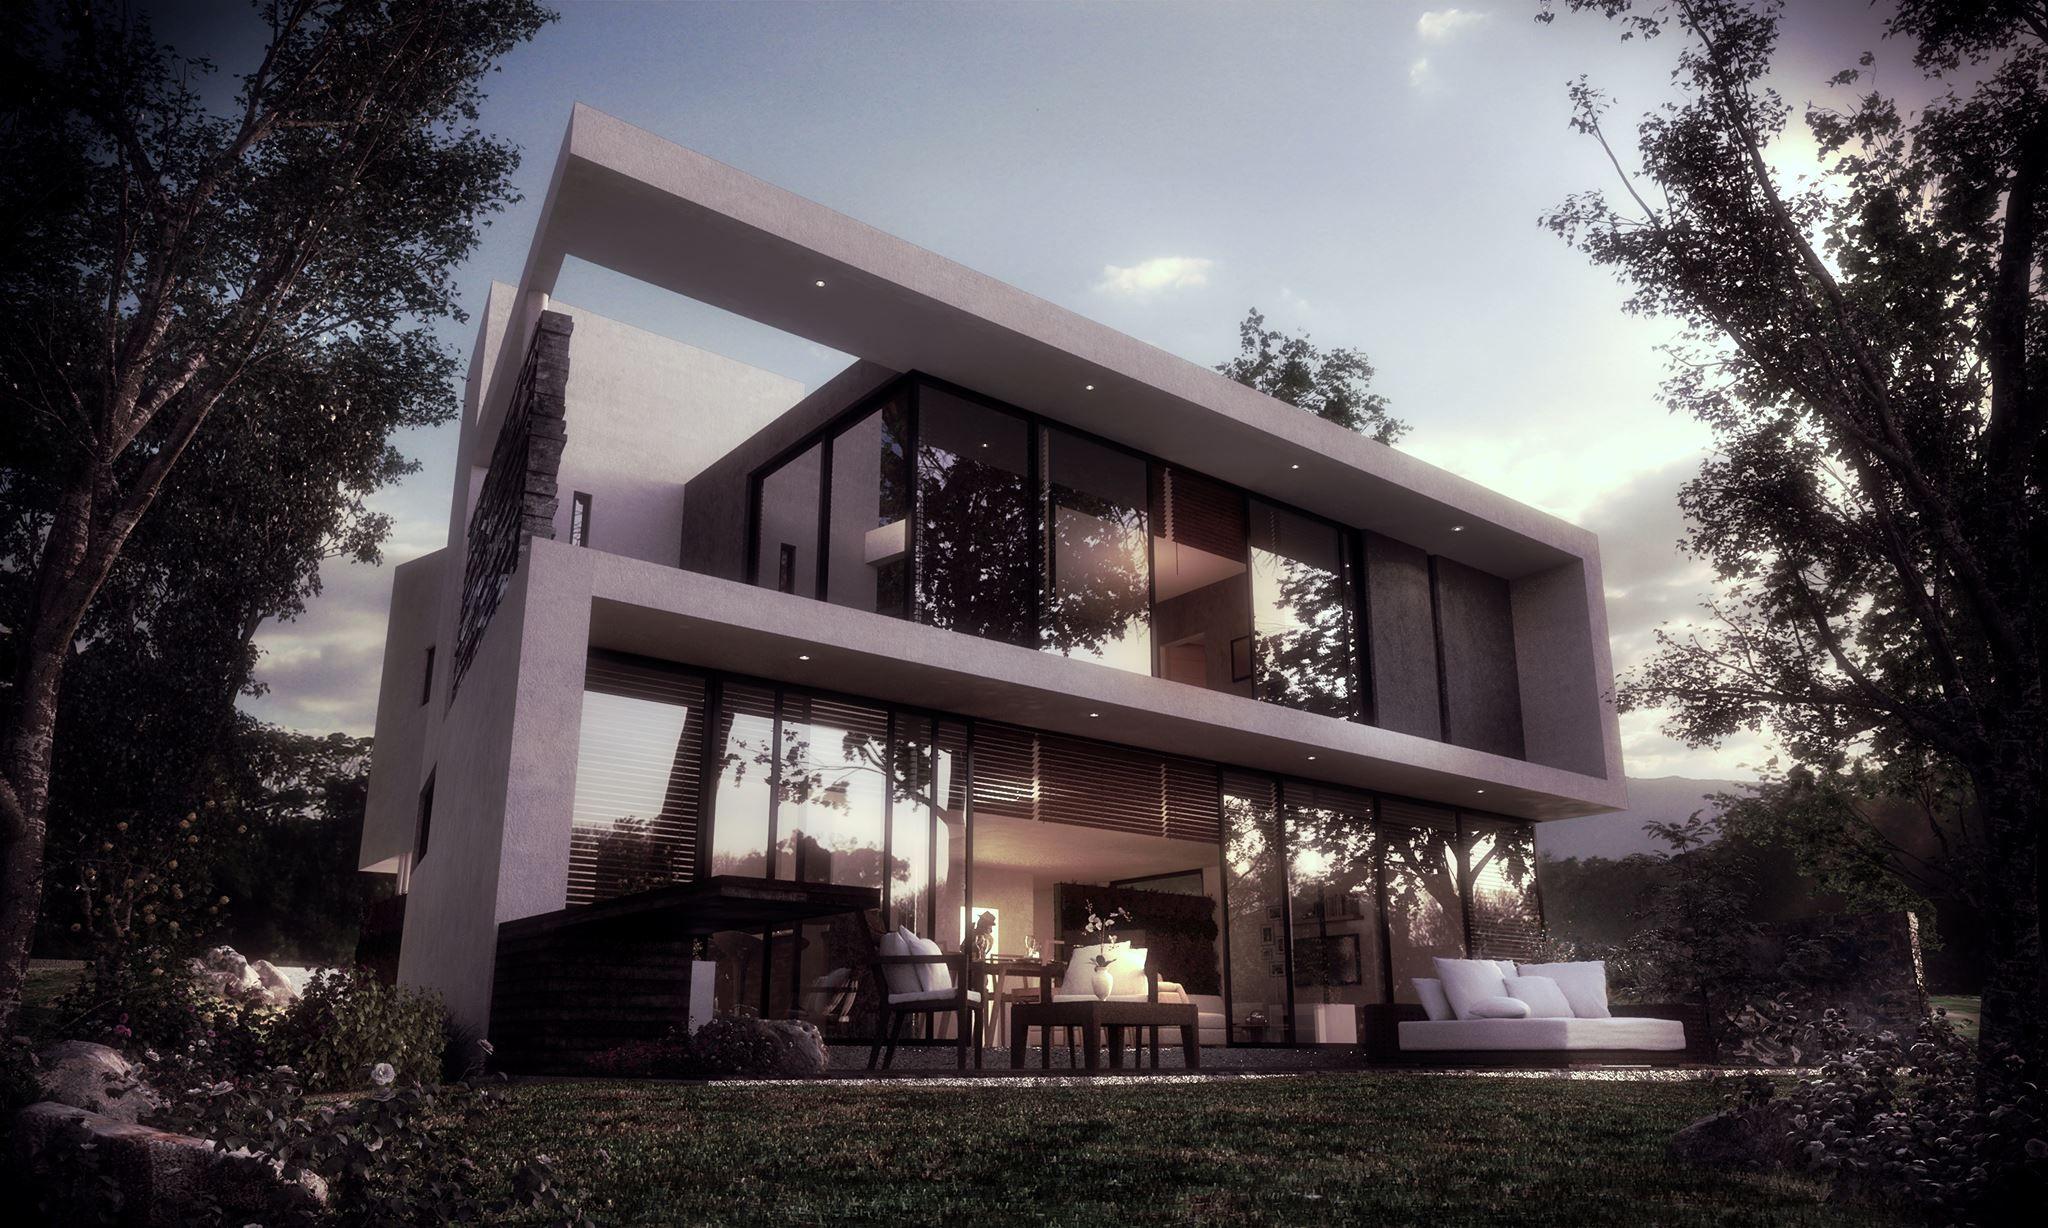 Name casa bugambilias software 3d max vray ps render for Software per arredare casa 3d